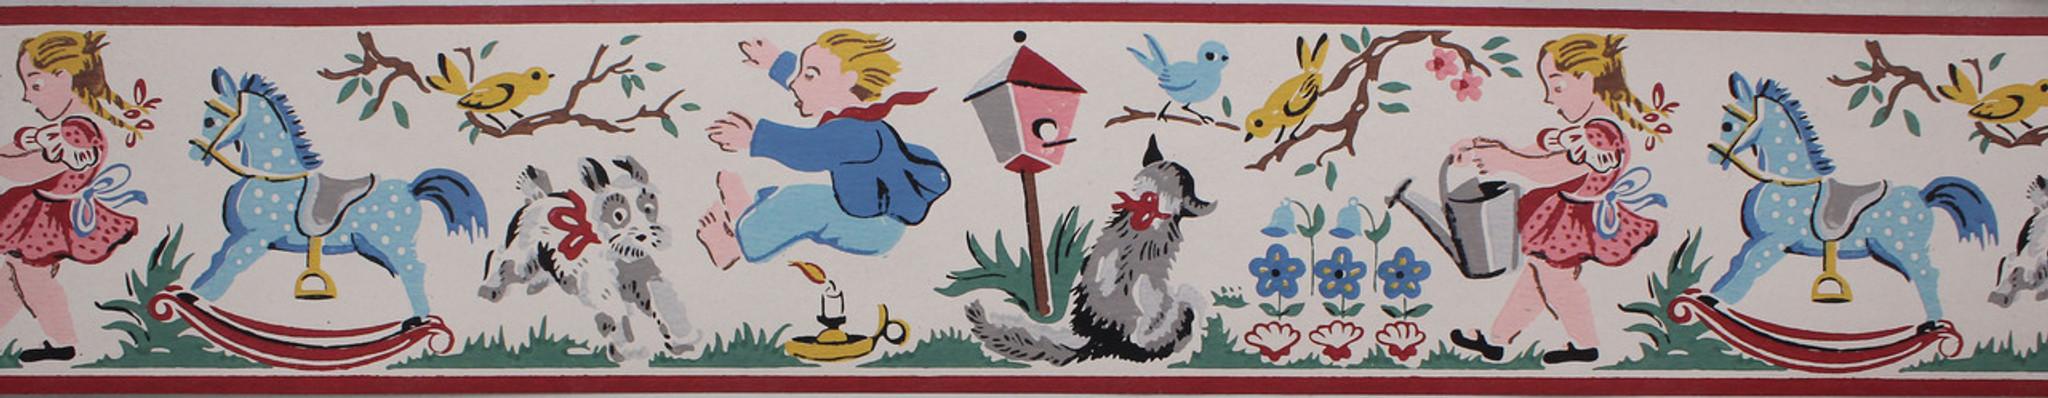 ... Imperial Vintage Wallpaper Border Jack Be Nimble Nursery Rhyme White ... - Imperial Vintage Wallpaper Border Jack Be Nimble Nursery Rhyme